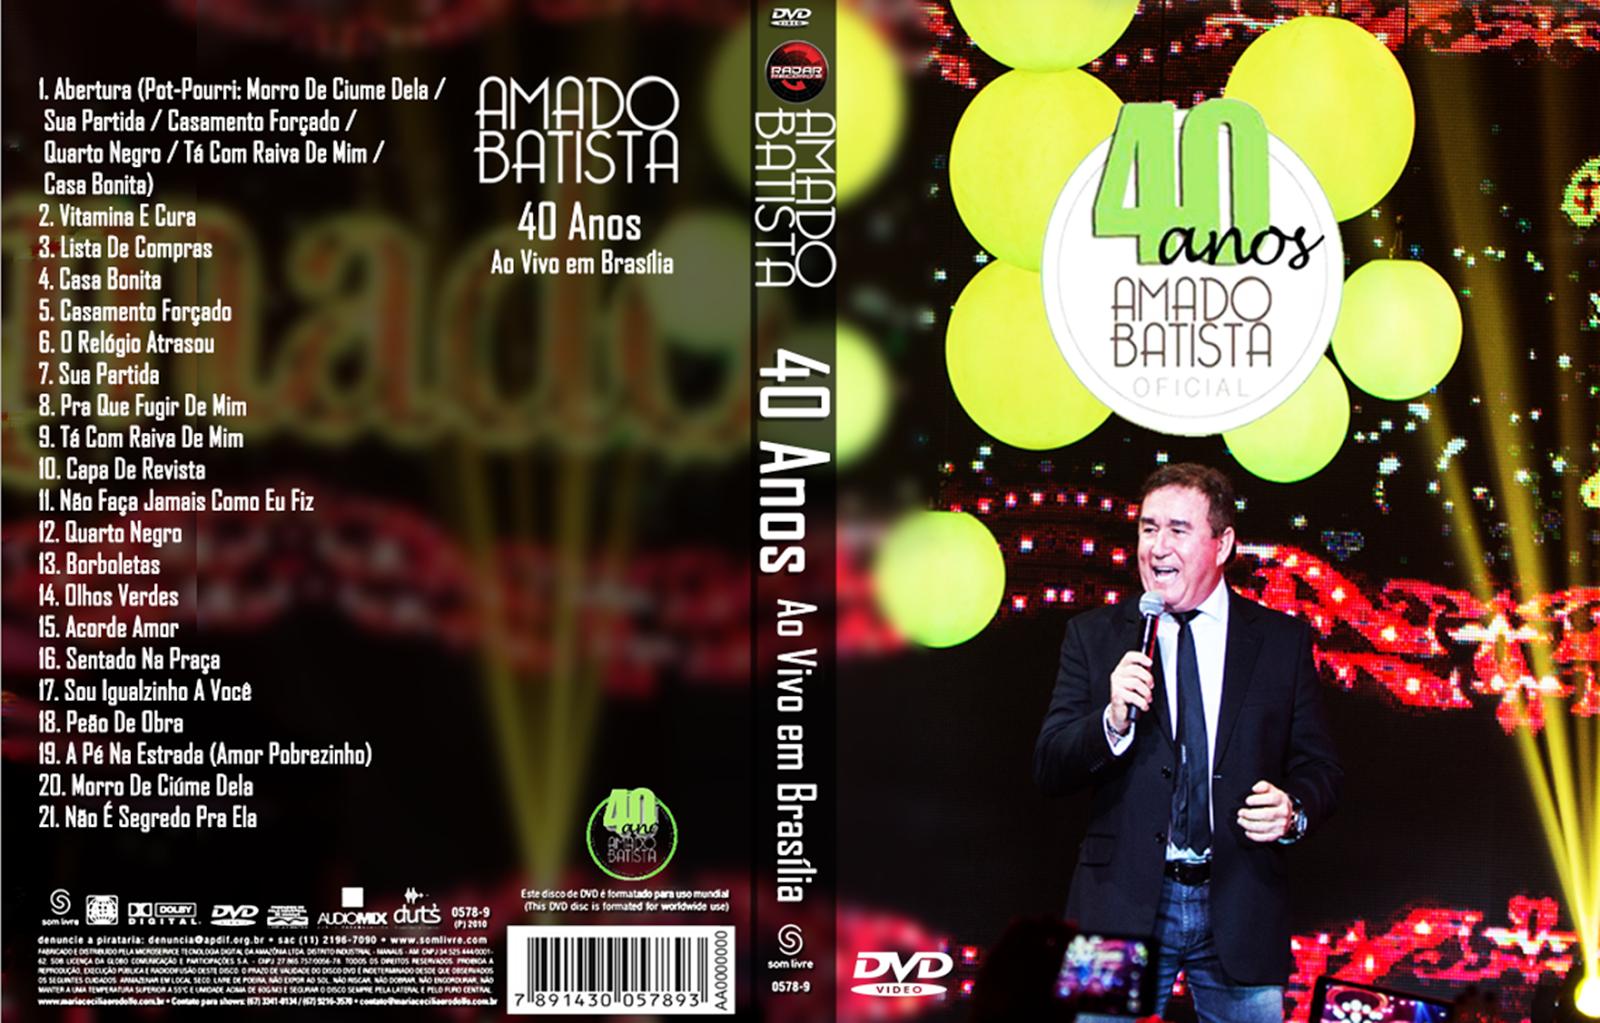 Amado Batista 40 Anos Ao Vivo em Brasília DVD-R Amado 2BBatista 2B40 2BAnos 2BAo 2BVivo 2Bem 2BBras 25C3 25ADlia 2BDVD R 2B  2BXANDAODOWNLOAD